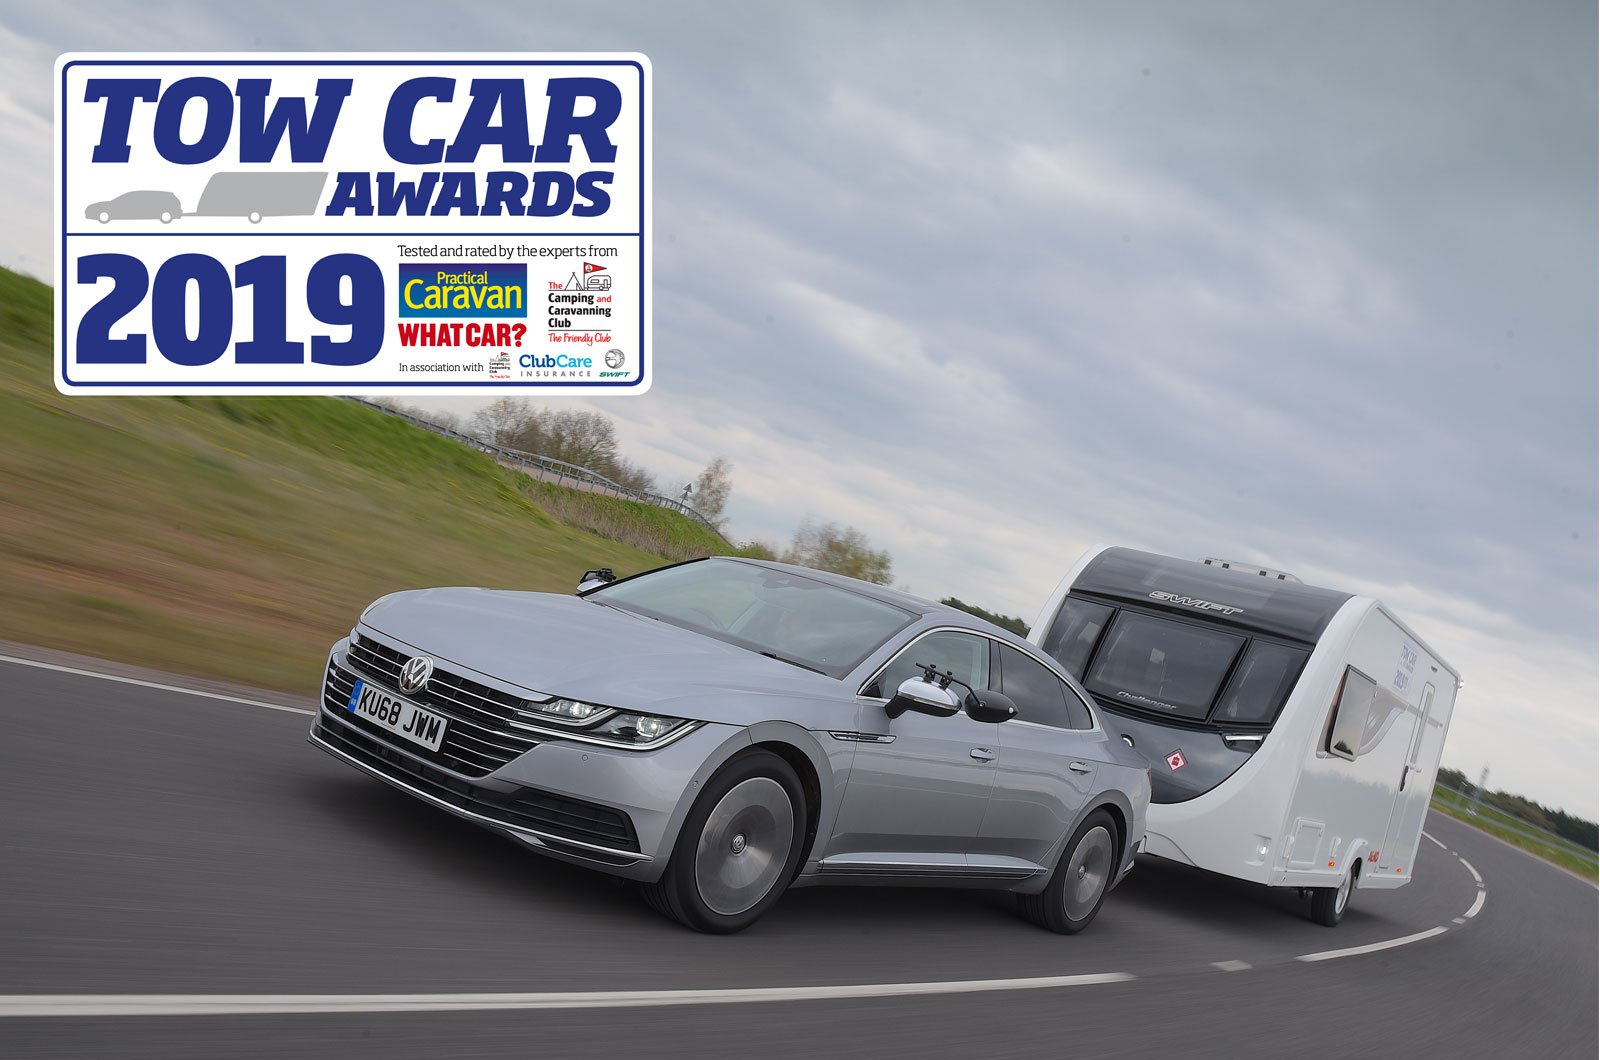 Tow Car Awards 2019 overall winner - Volkswagen Arteon